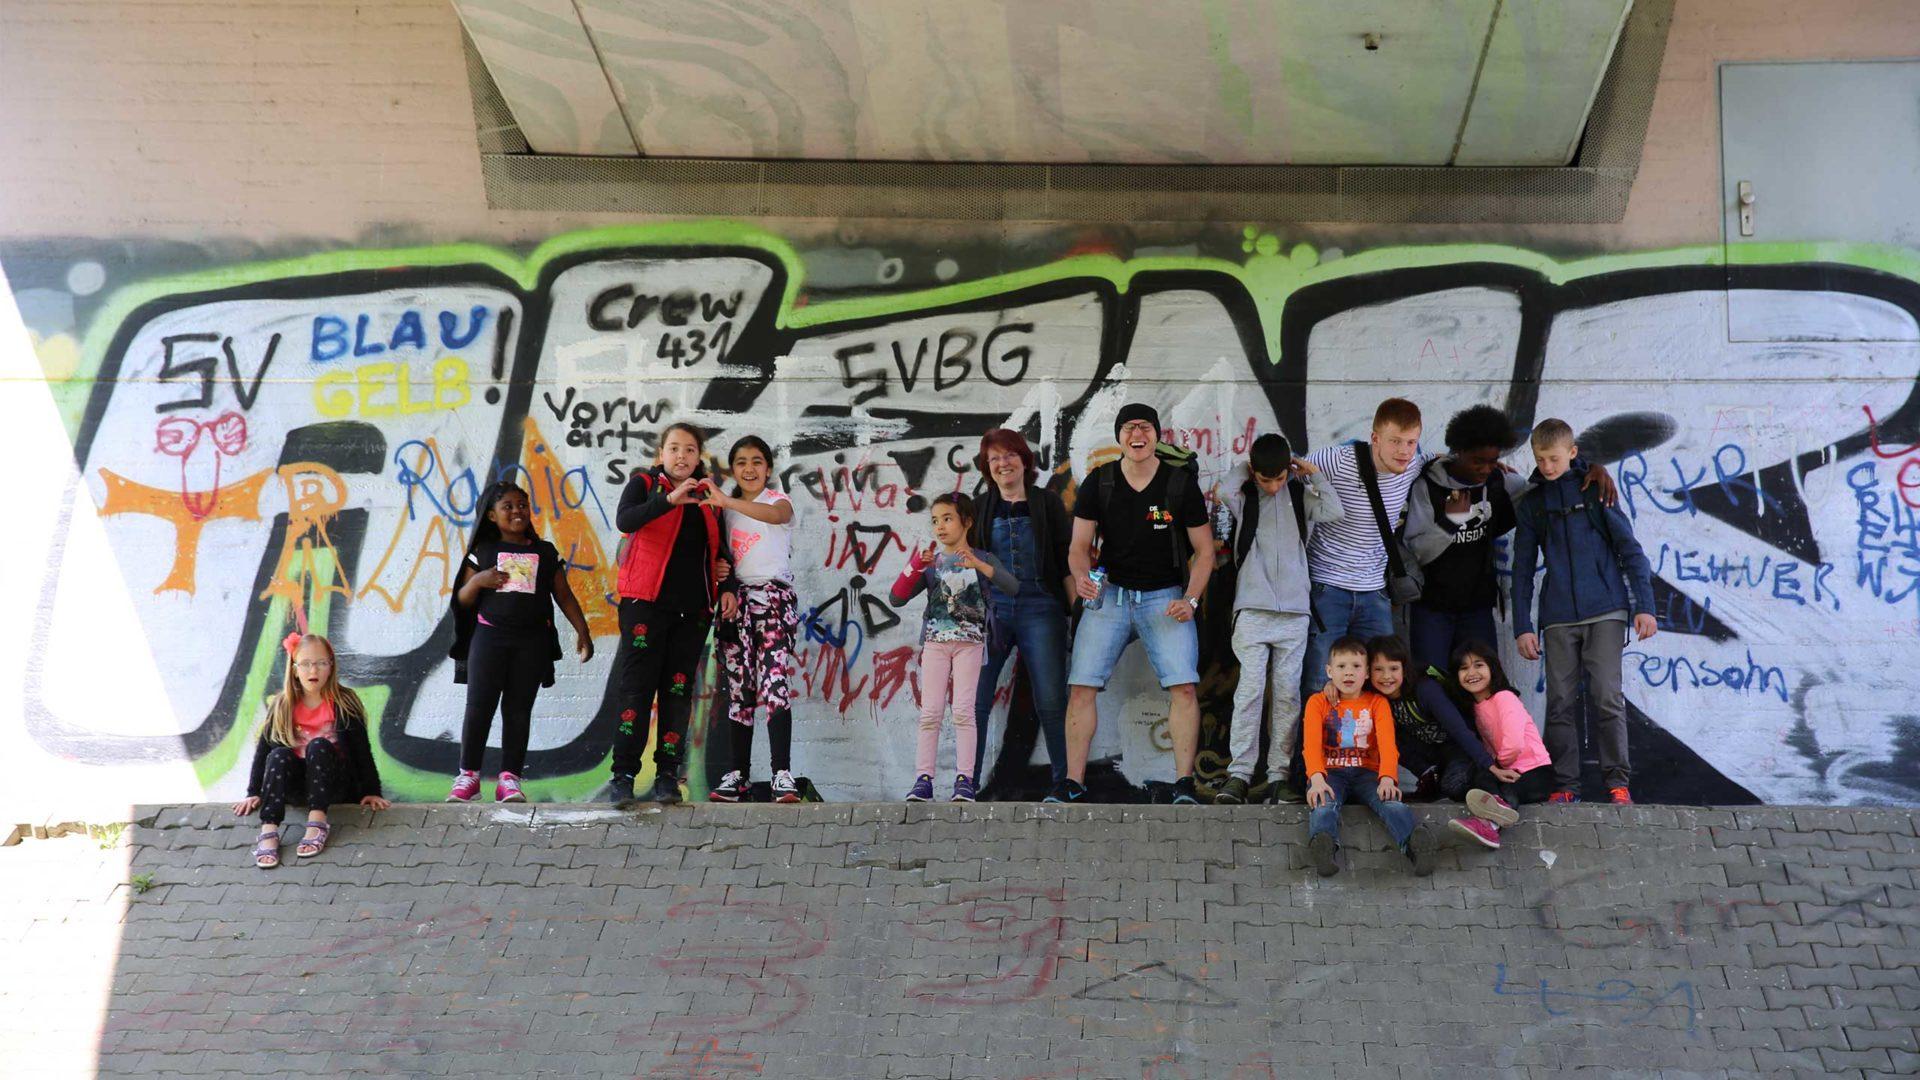 Aktion Mahlzeit bei den Imkern. Gruppenfoto vor einem Graffiti.